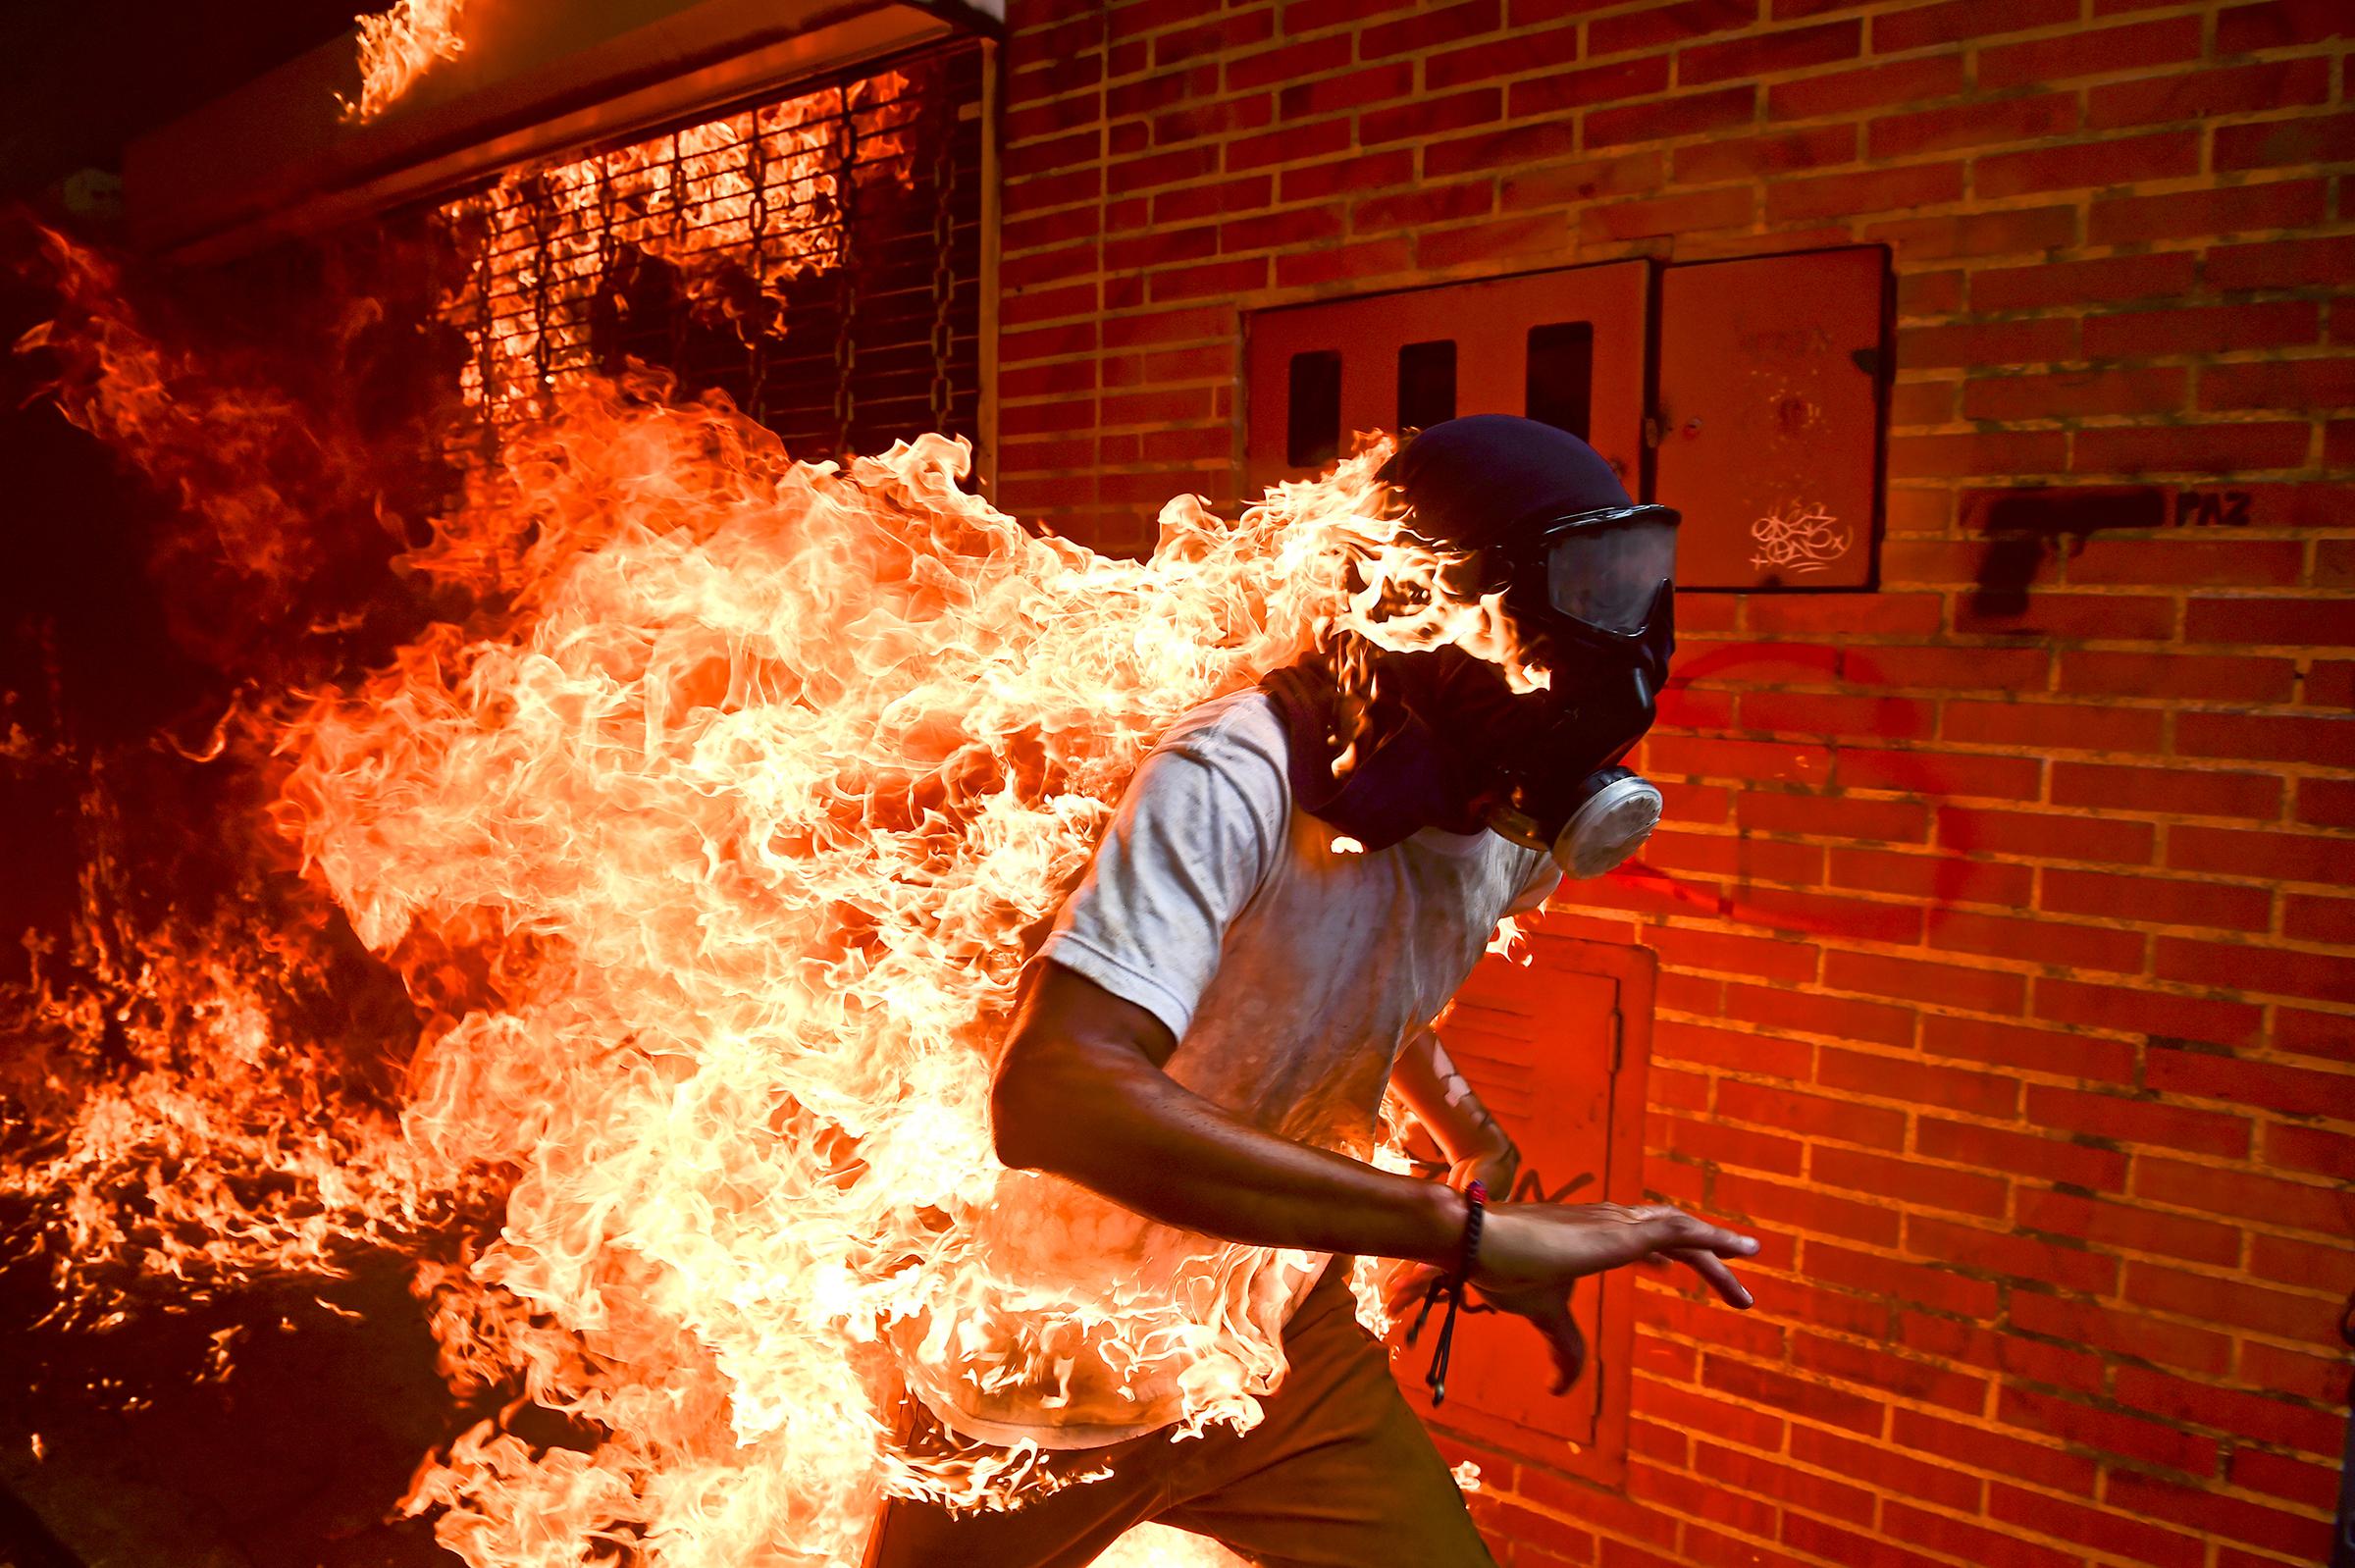 Лучшим снимком признана работа фотографа Роналдо Шемидта «Кризис в Венесуэле». На ней изображен бегущий в противогазе демонстрант, одежда которого охвачена огнем. Фотография сделана 3 мая 2017 года в Каракасе во время митинга против президента Венесуэлы Николаса Мадуро. Онатакже победила в номинации «Главная новость».  По информации The Washington Post, на снимке изображен 28-летний Хосе Виктор Саласар Балса, принимавший участие в антиправительственном митинге в мае 2017 года. На премию в категории «Фотография года» претендовали еще пять работ, в том числе о кризисе в Мьянме, битве за Мосул и теракте в Лондоне.